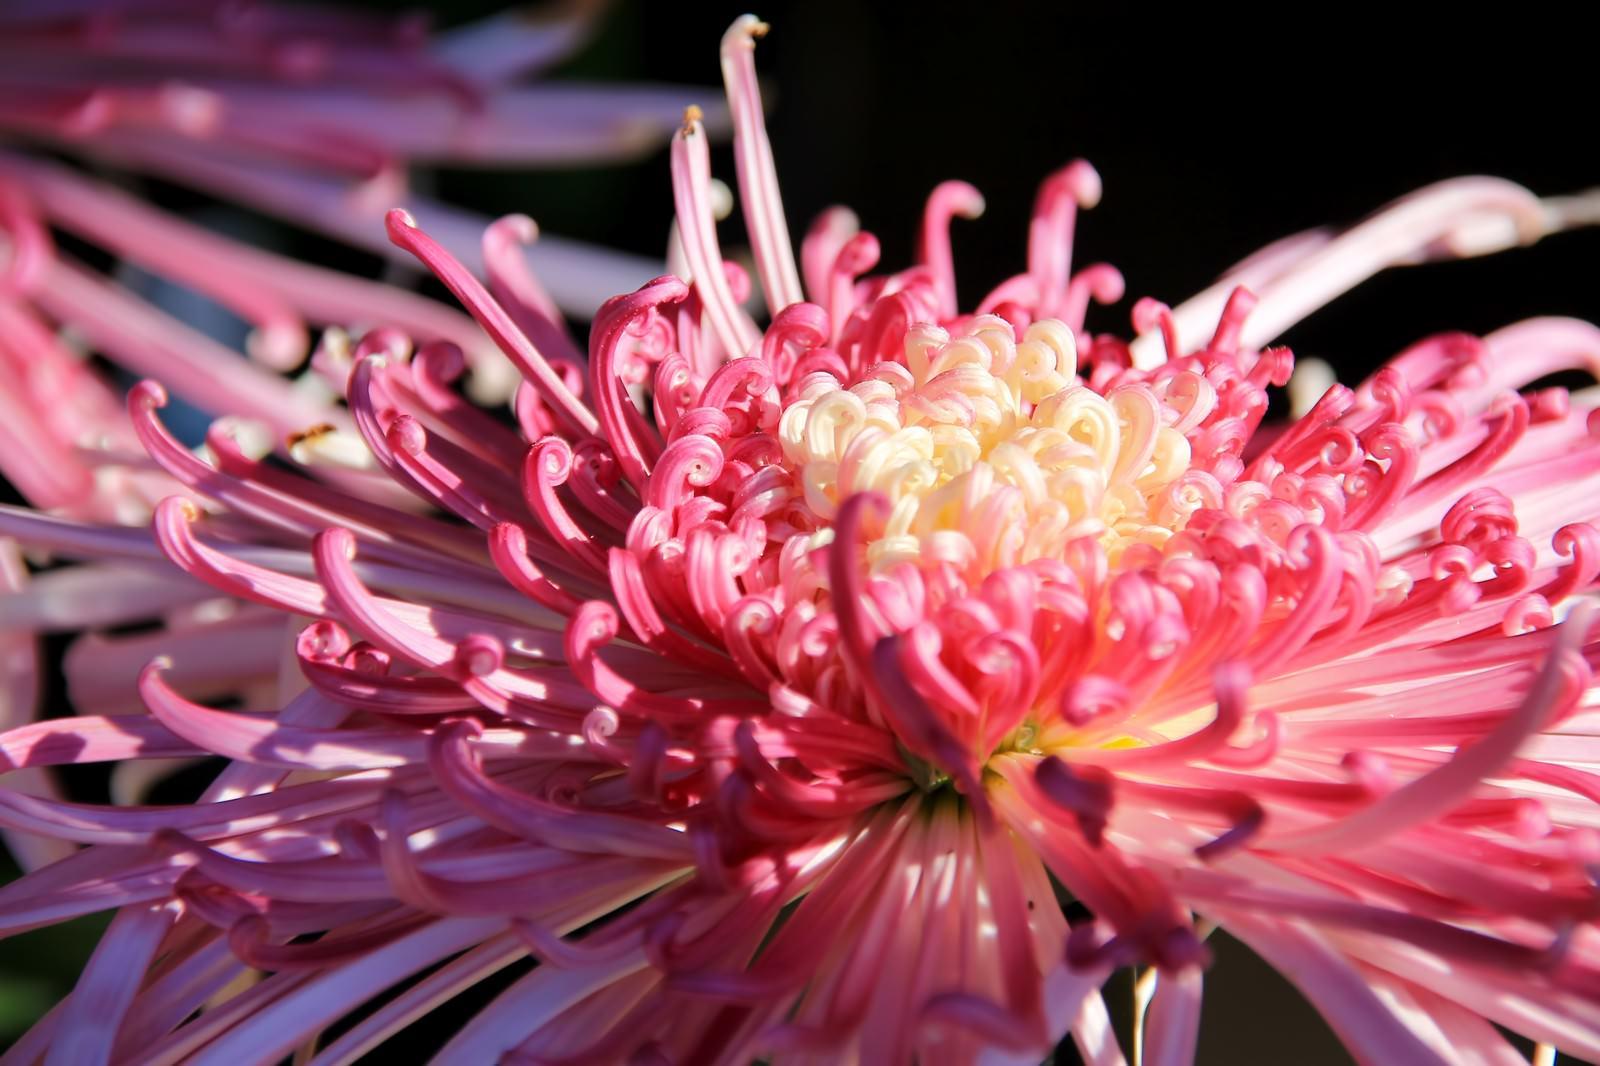 「ピンク色の菊の花」の写真